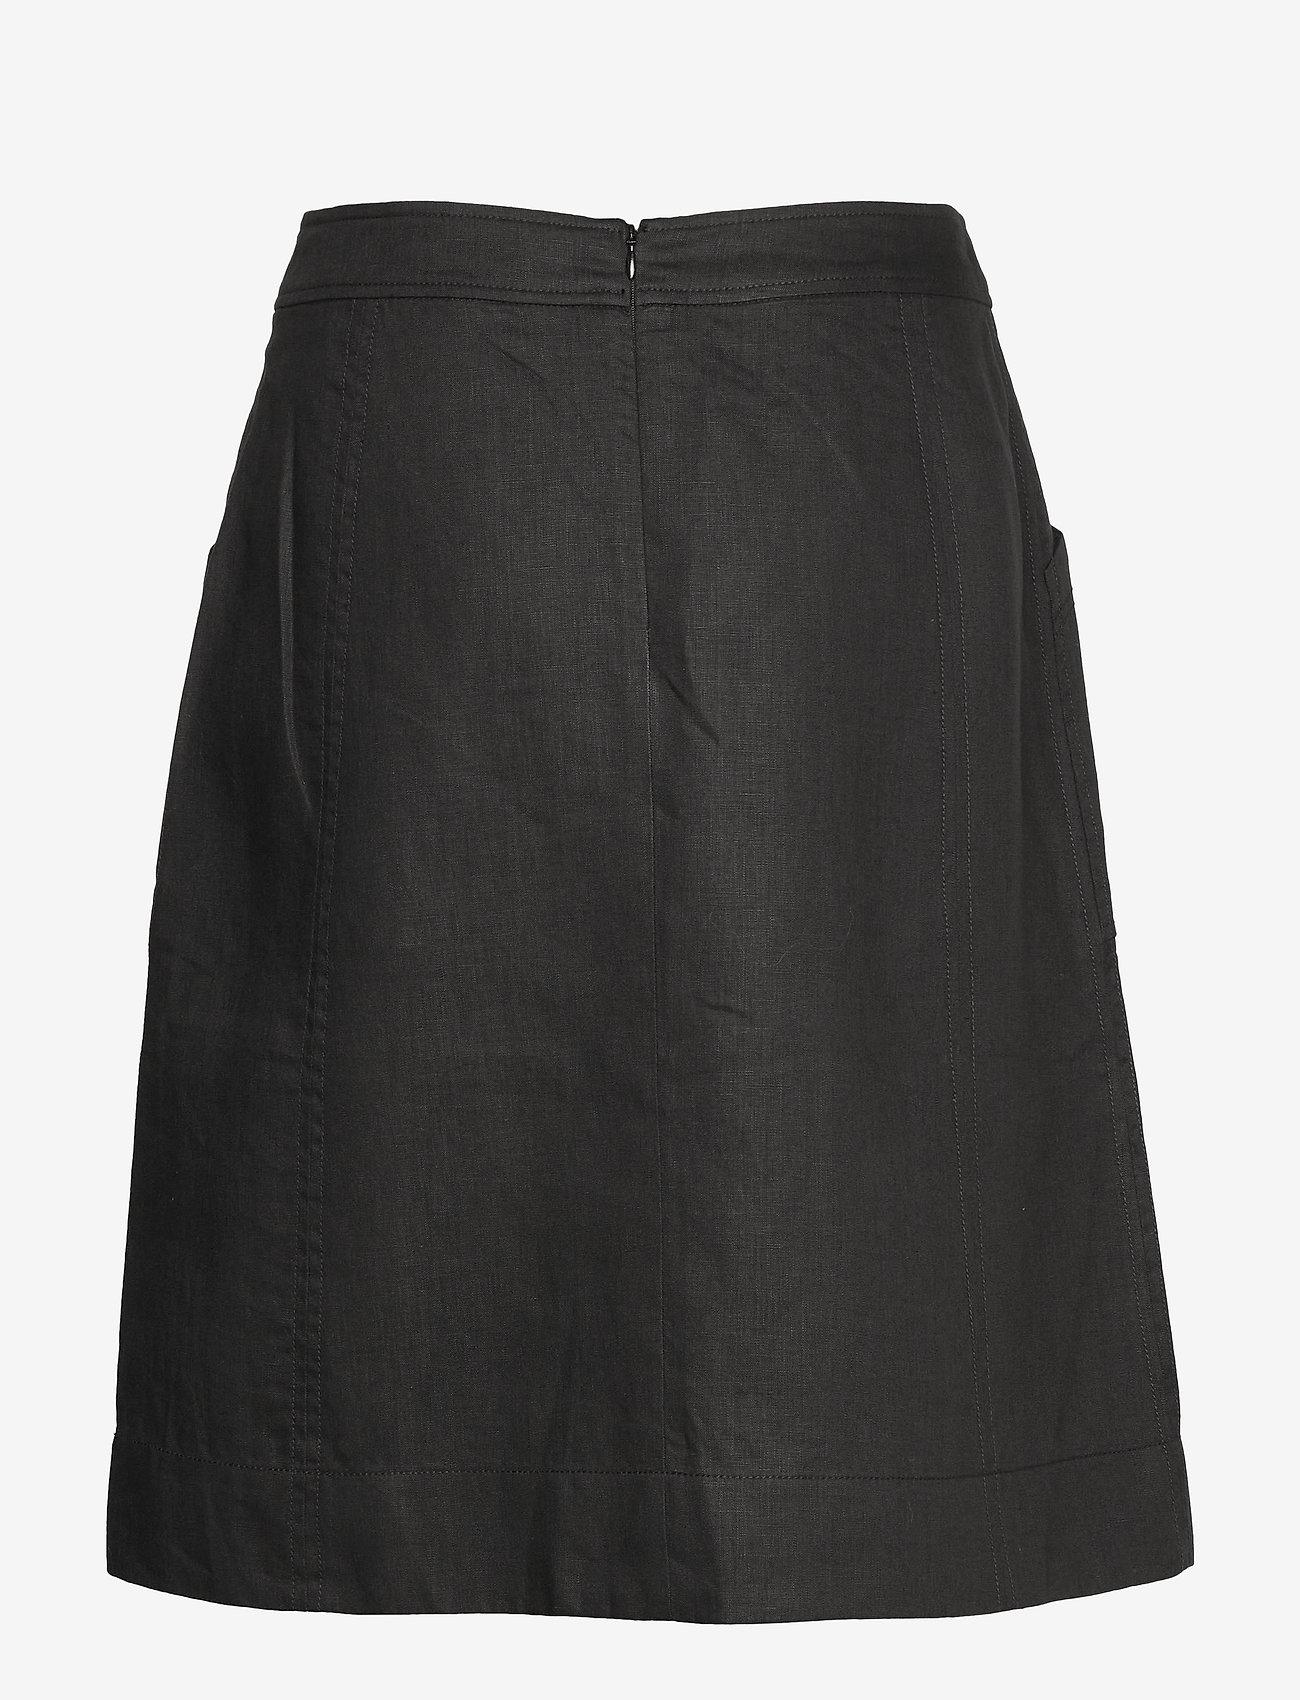 Noa Noa - Skirt - midi rokken - black - 1